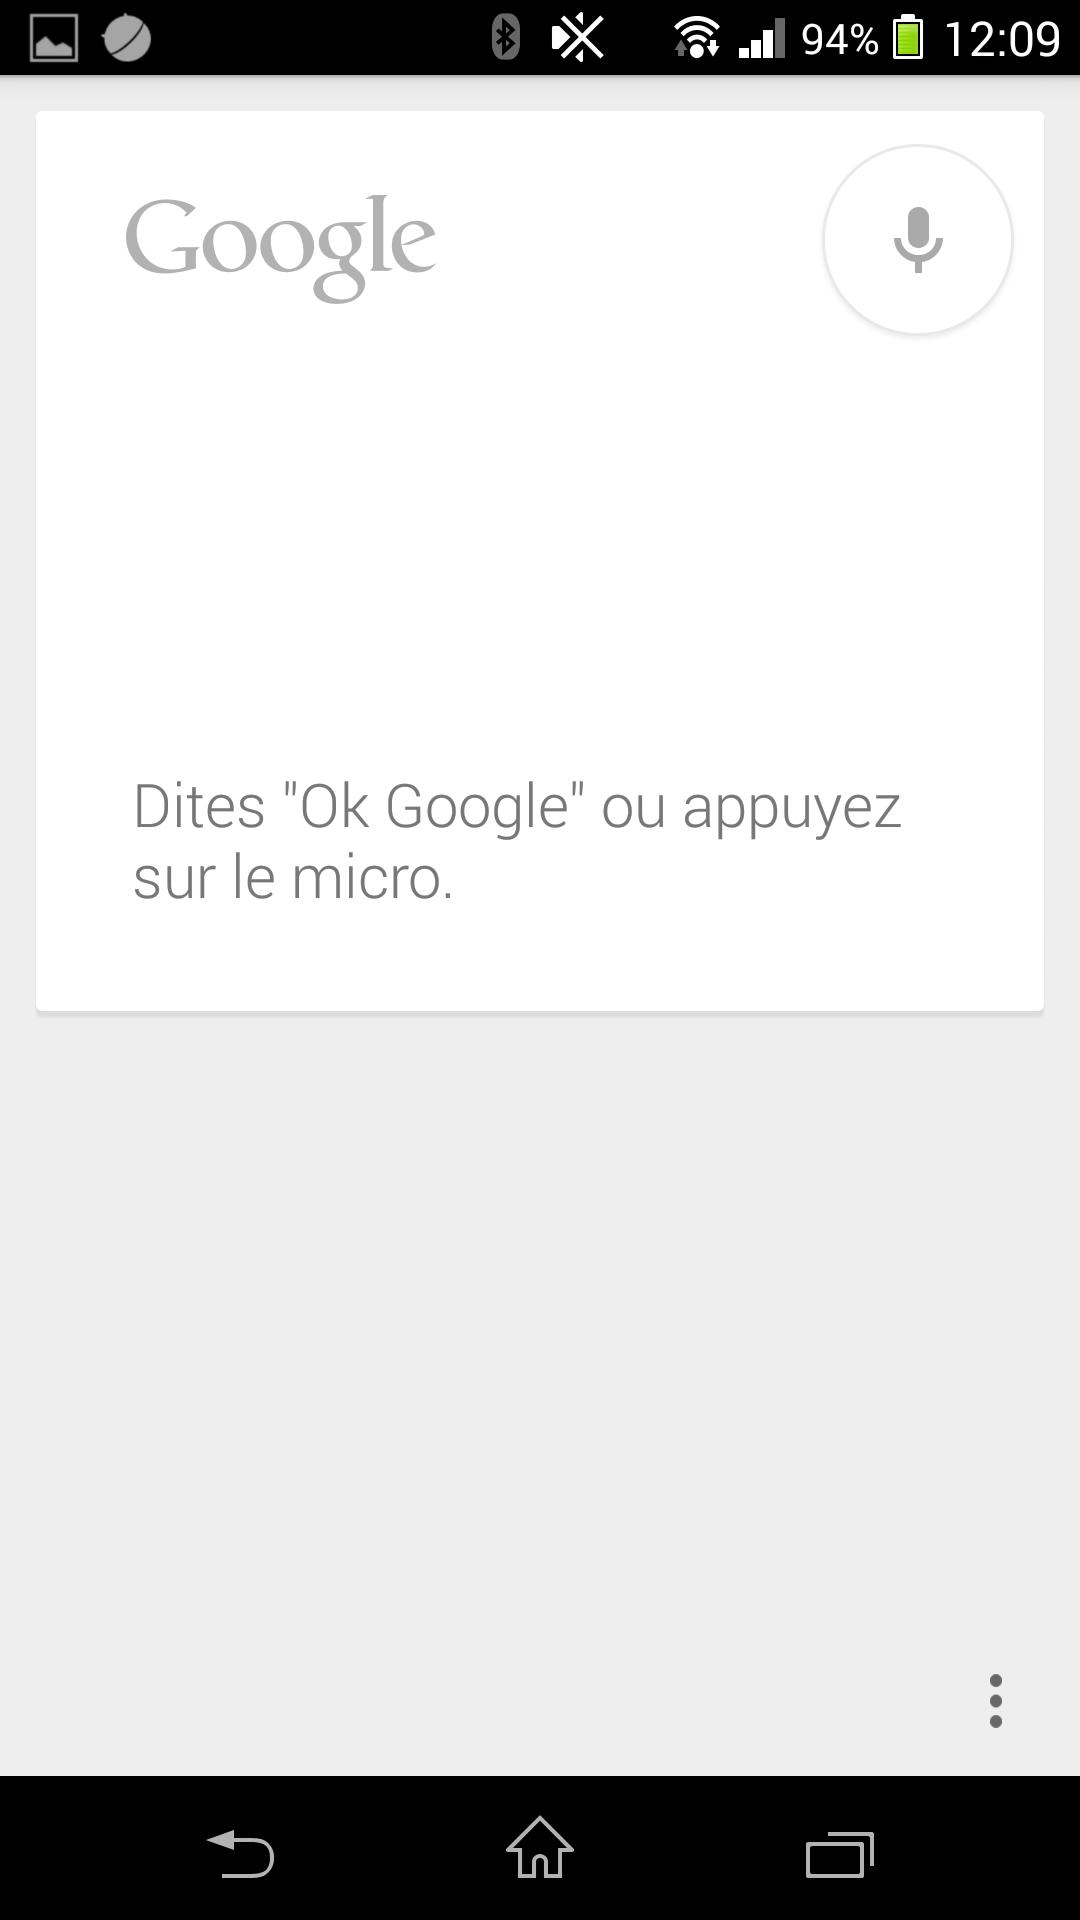 La fonction Ok Google se répand sur les terminaux français et allemands